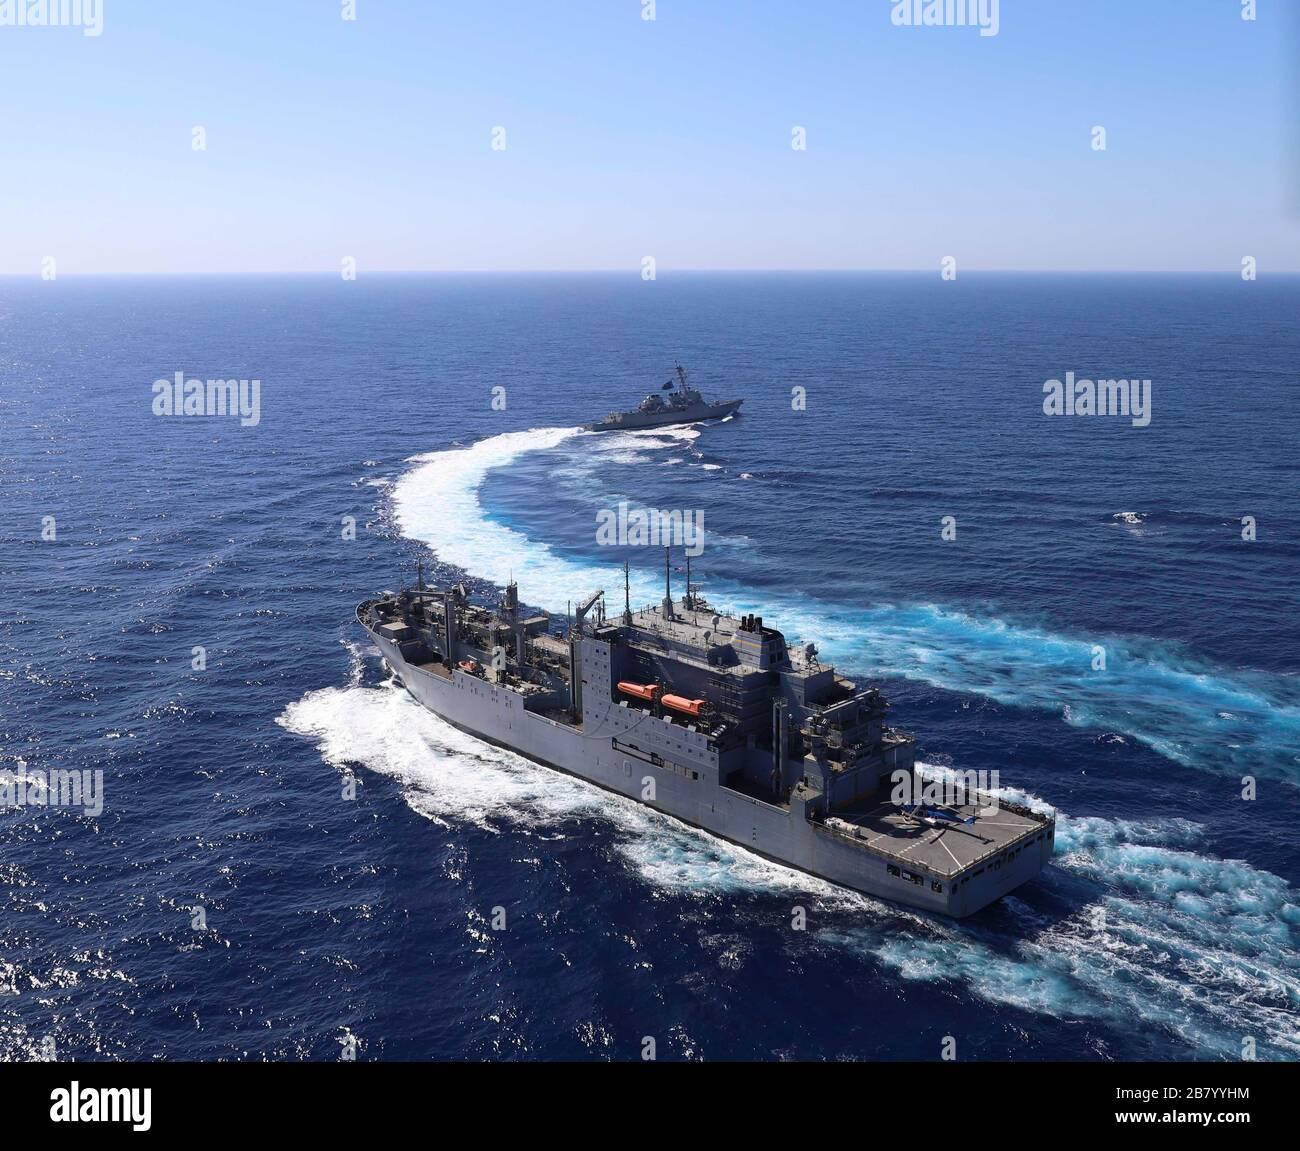 200312-N-WI365-2002 MAR 12, 2020) – el destructor de misiles guiados de la clase Arleigh Burke USS McCampbell (DDG 85) simula una ruptura de emergencia después de un reabastecimiento en el mar (RAS) con el buque de carga seca de la clase Lewis y Clark USNS Carl Brashear (T-AKE 7). McCampbell está llevando a cabo operaciones en la región del Indo-Pacífico, mientras que está asignado al Escuadrón Destroyer (DESRON) 15, el mayor DESRON desplegado hacia adelante de la Marina y la principal fuerza de superficie de la 7a flota de Estados Unidos. (EE.UU Foto de Marina por Naval Air Crewman 2 ª clase Jack Ryan) Foto de stock